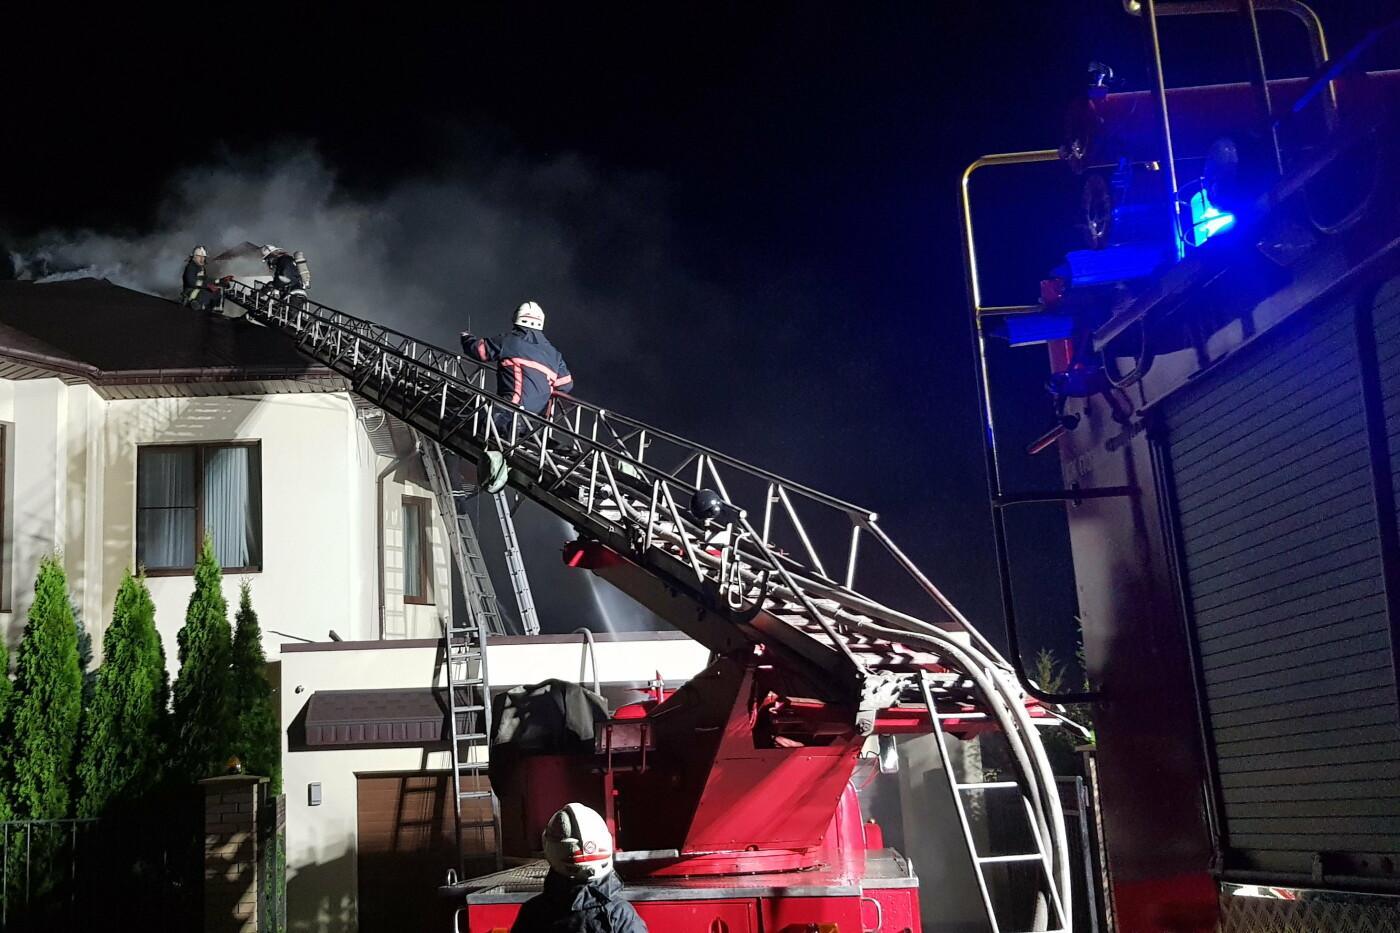 Под Харьковом случился масштабный пожар в двухэтажном коттедже: есть пострадавший, - ФОТО, ВИДЕО, фото-2